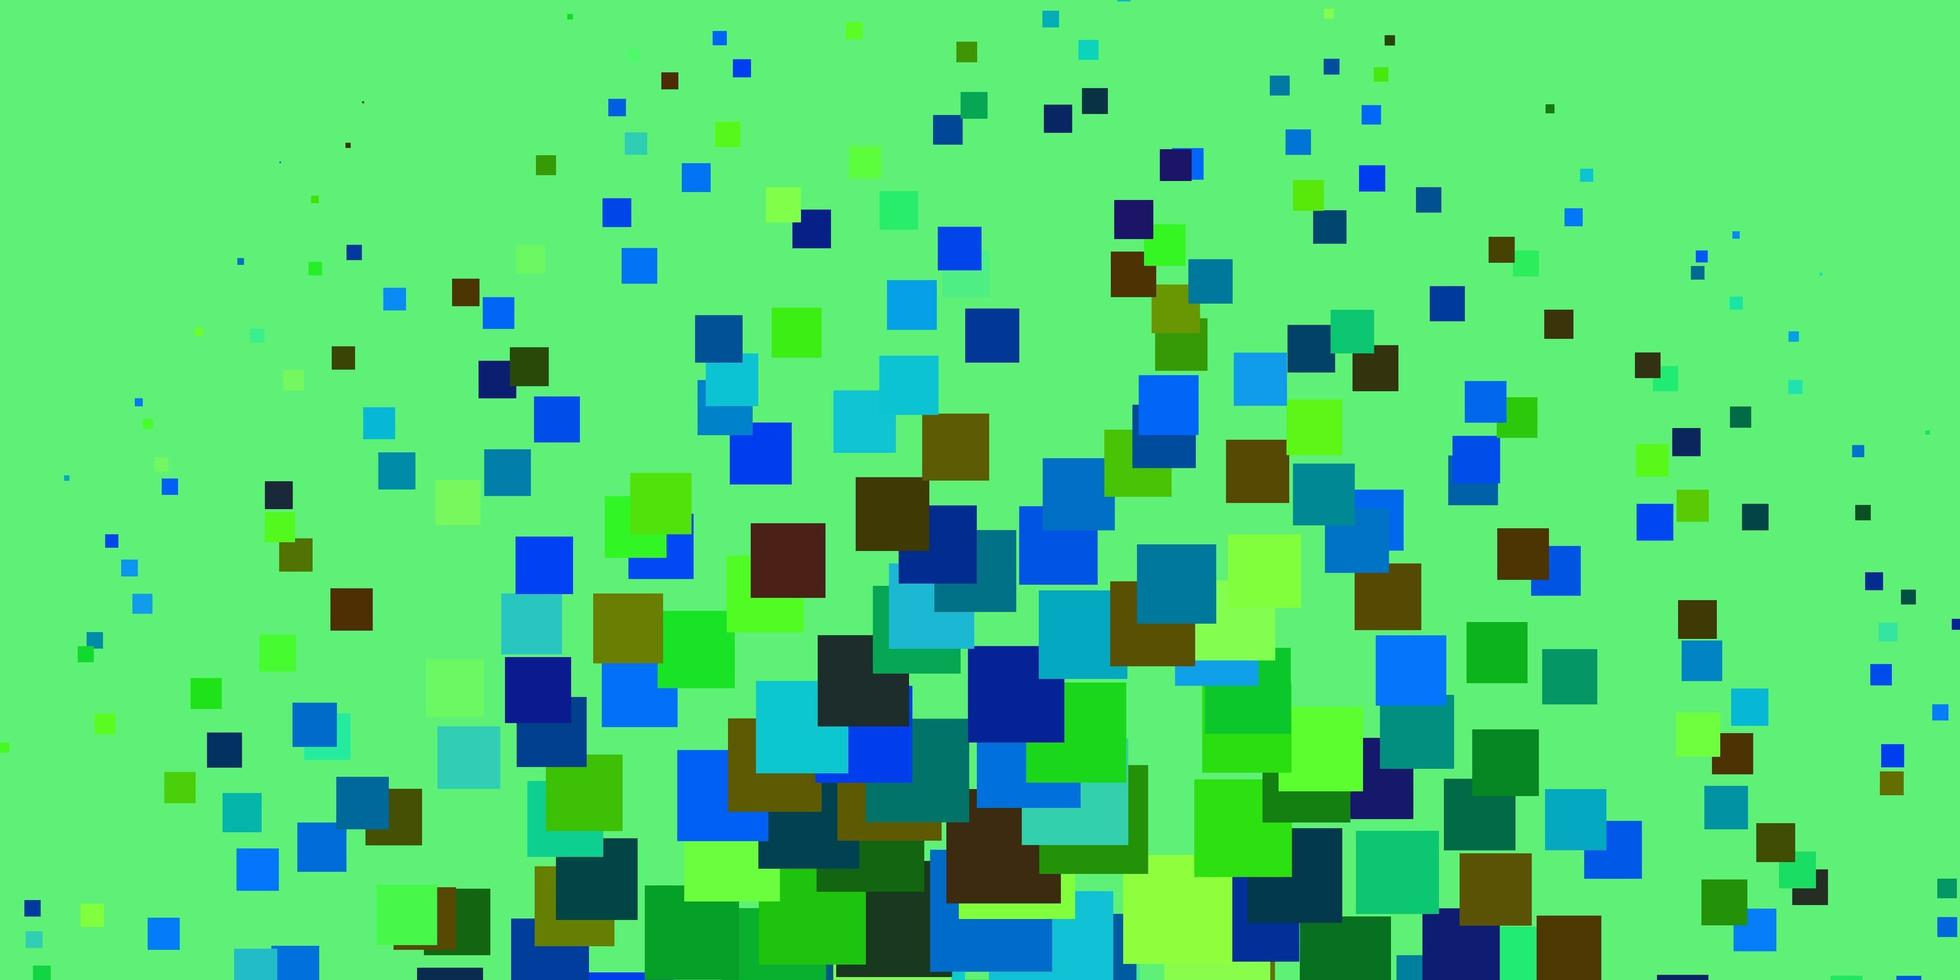 fond de vecteur multicolore clair avec des rectangles.